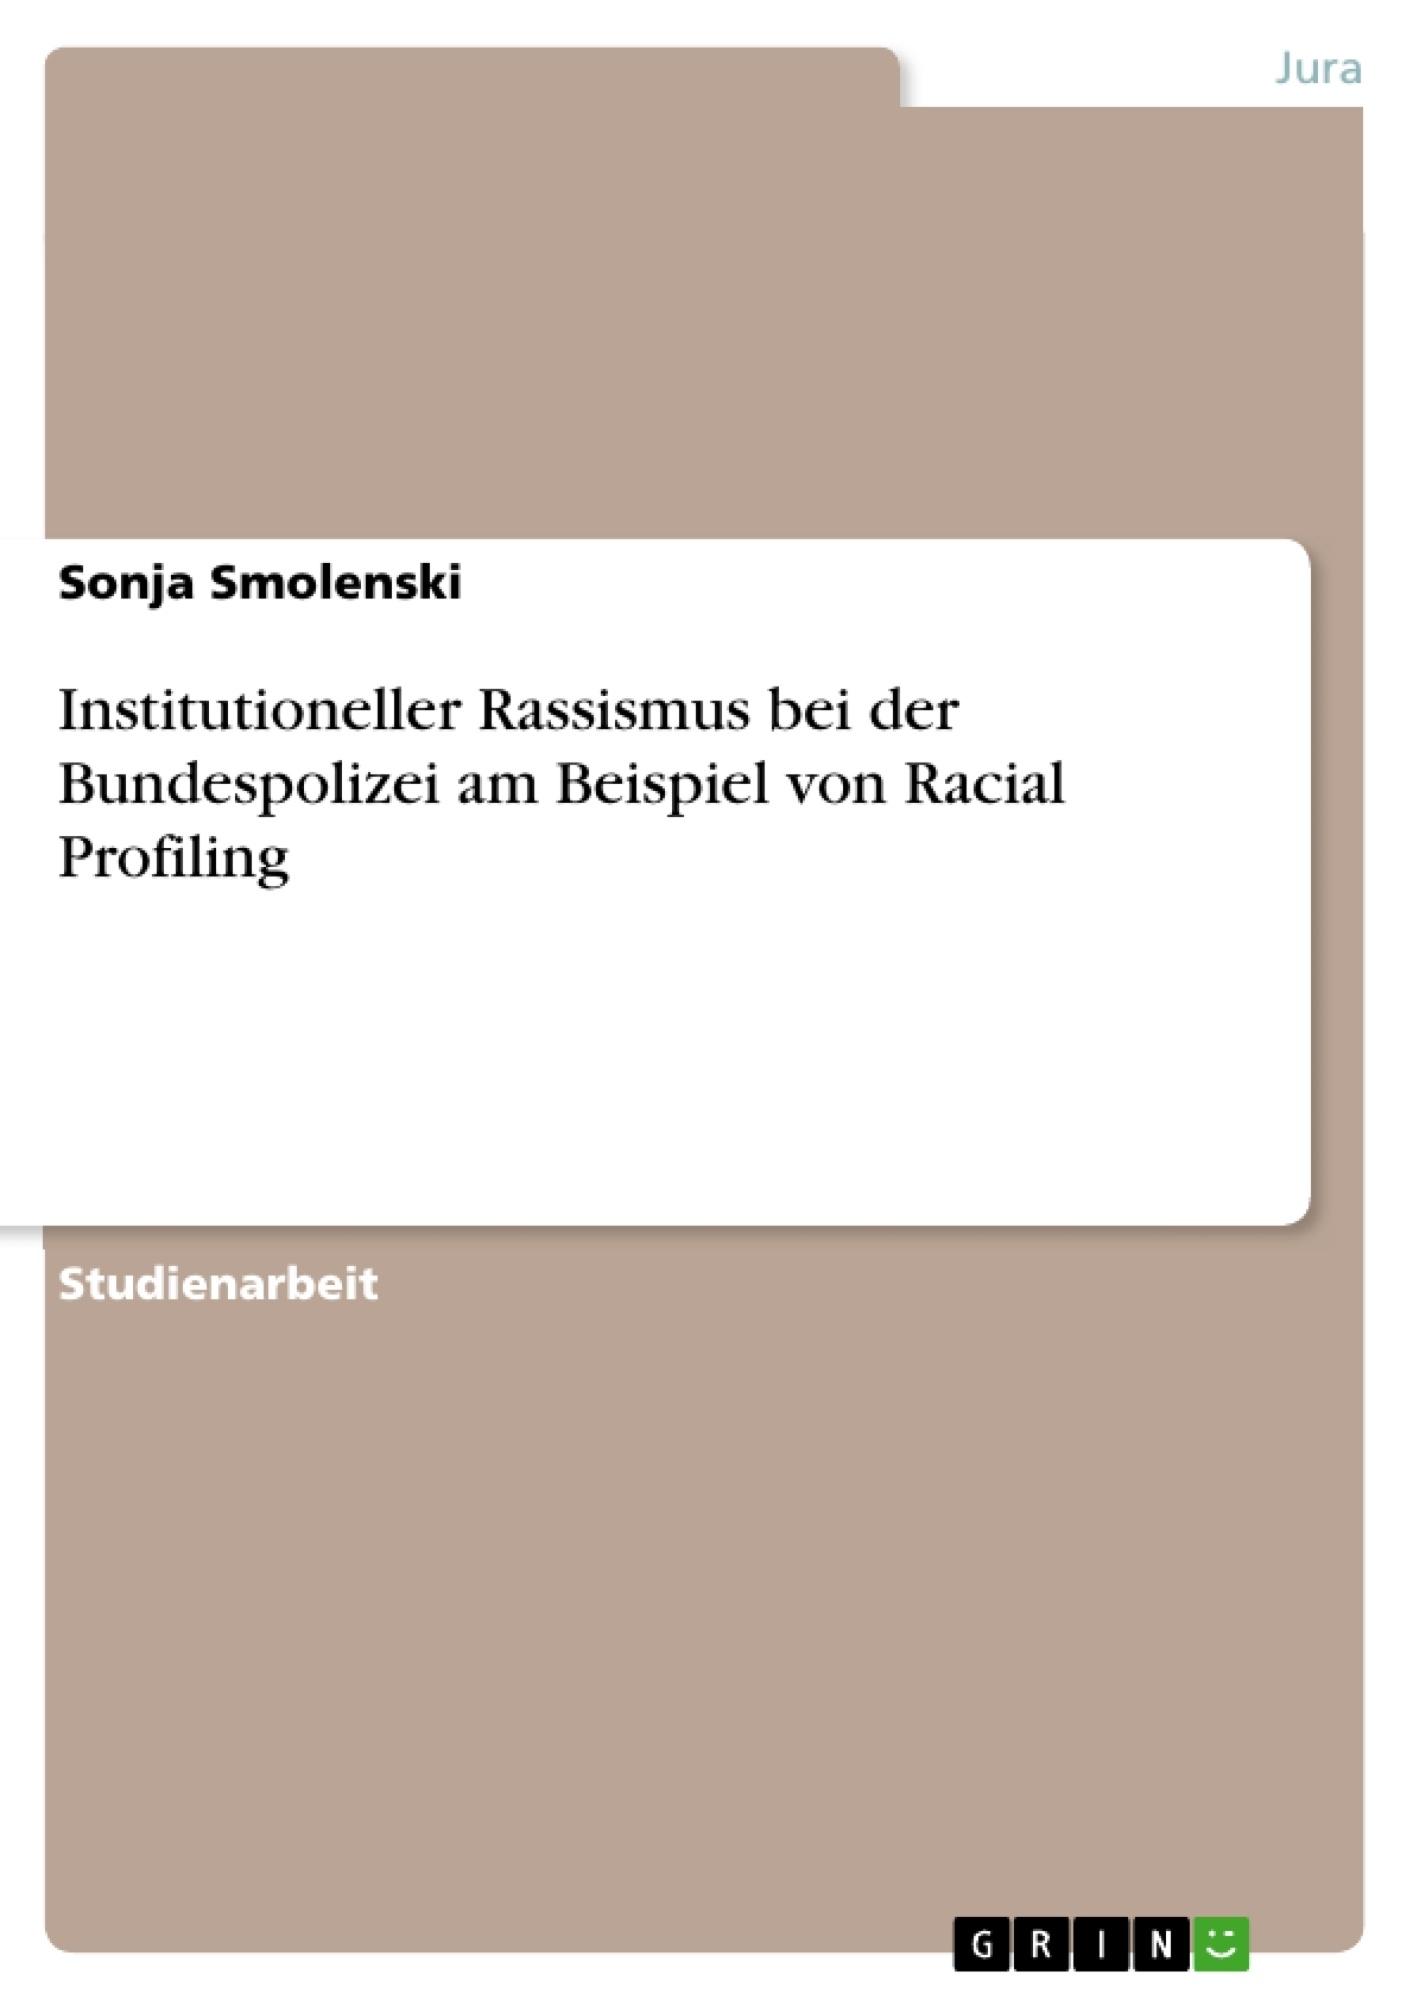 Titel: Institutioneller Rassismus bei der Bundespolizei am Beispiel von Racial Profiling